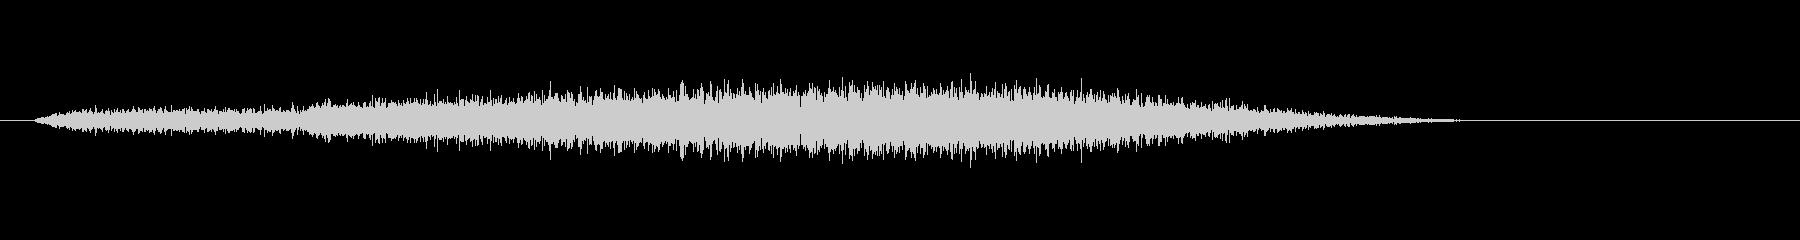 クレイジートランペット-ライジング...の未再生の波形